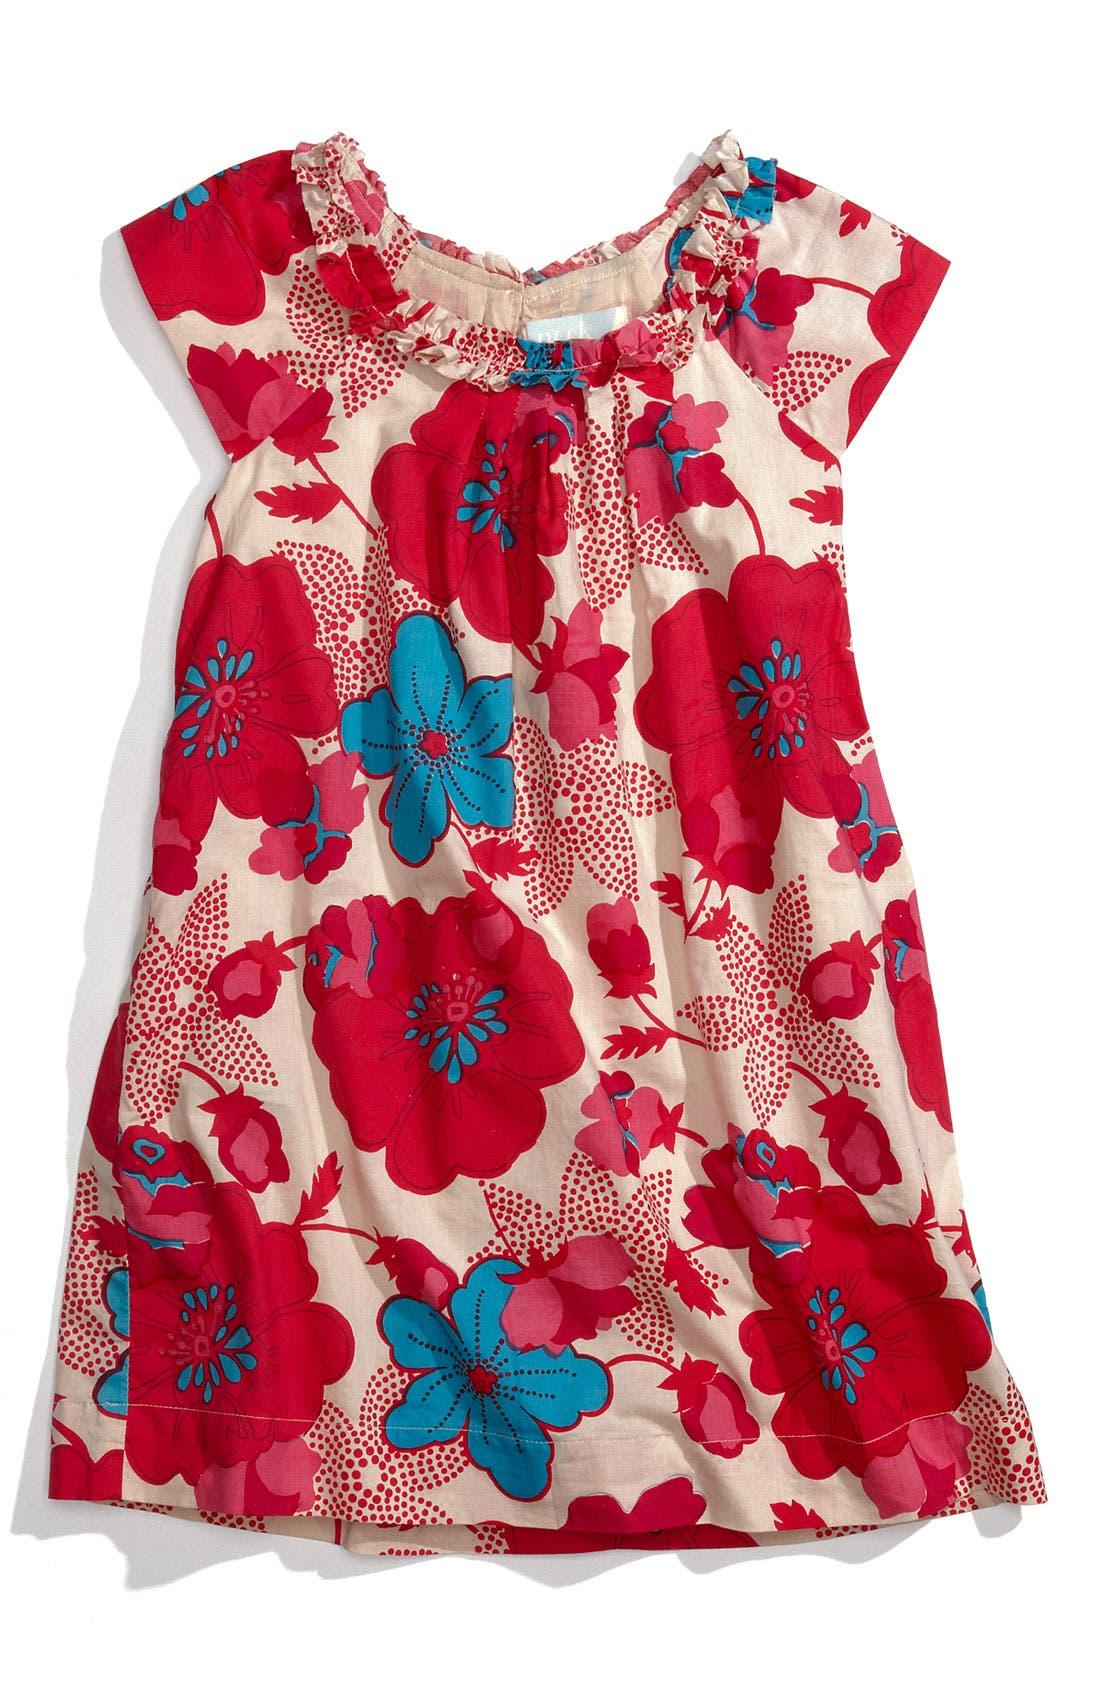 Alternate Image 1 Selected - Peek 'Palma' Dress (Toddler, Little Girls & Big Girls)